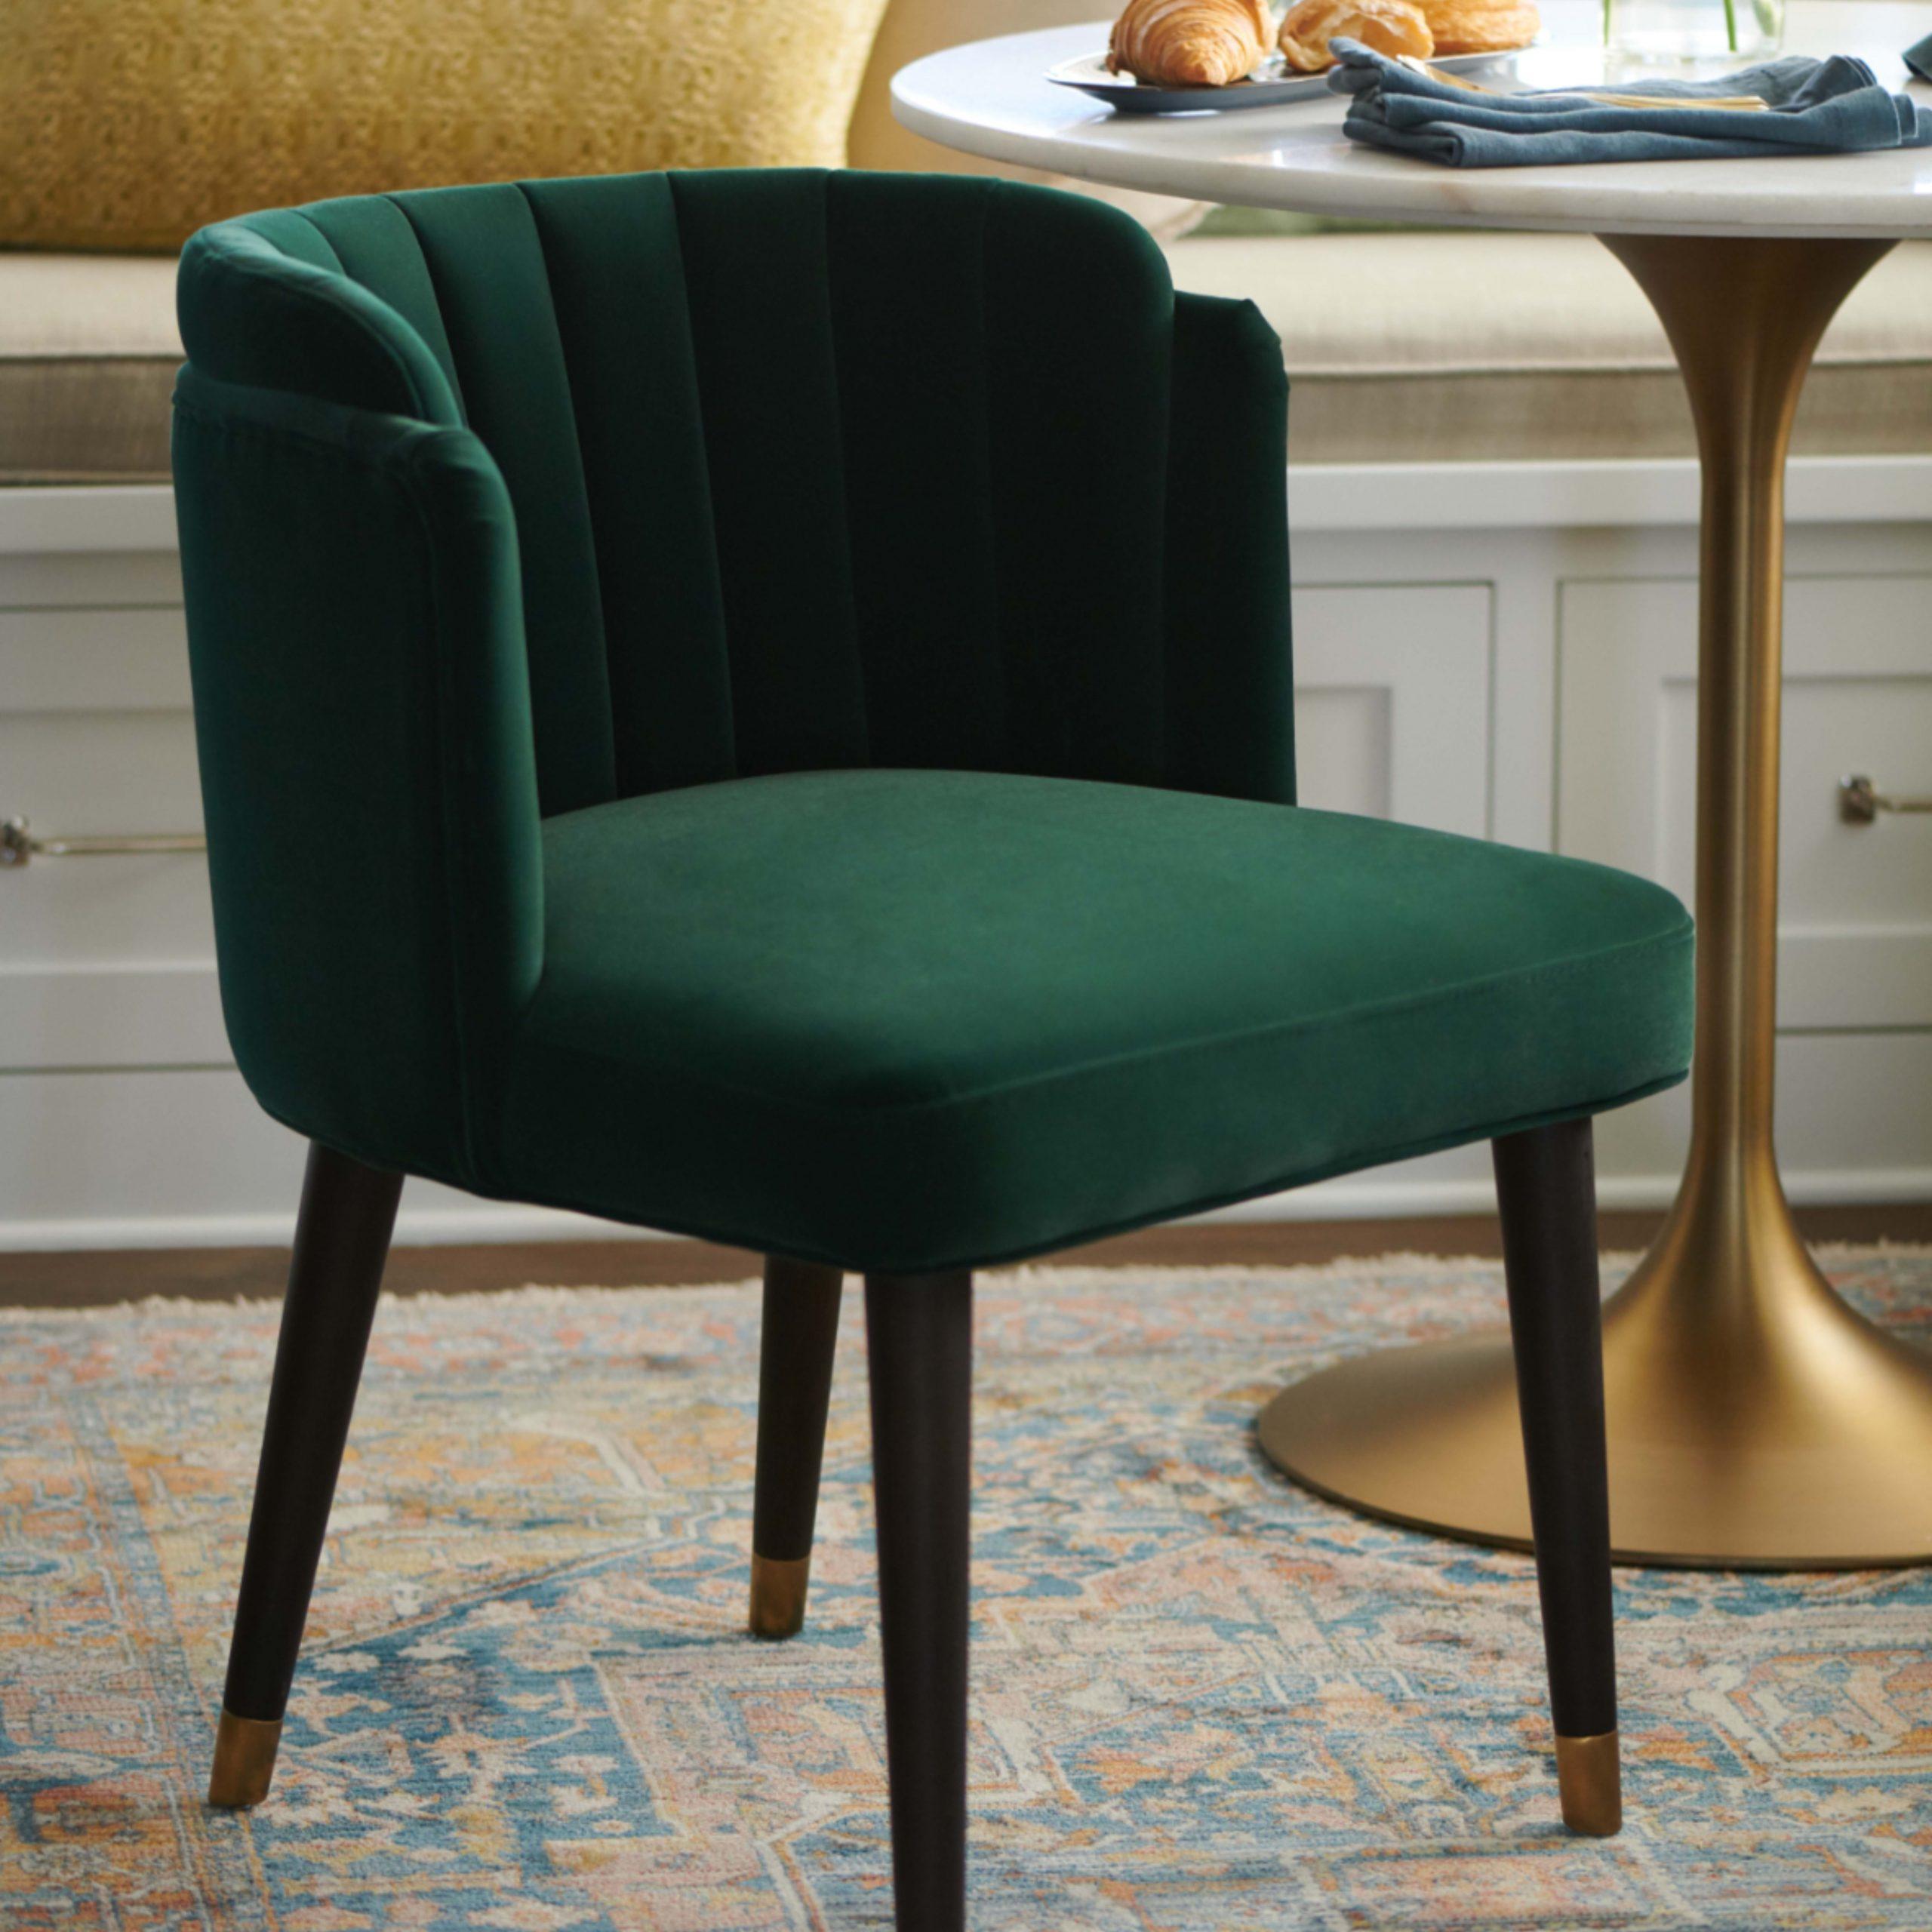 Green Velvet Channel Back Isadora Dining Chair | Velvet Intended For Hanner Polyester Armchairs (View 5 of 15)